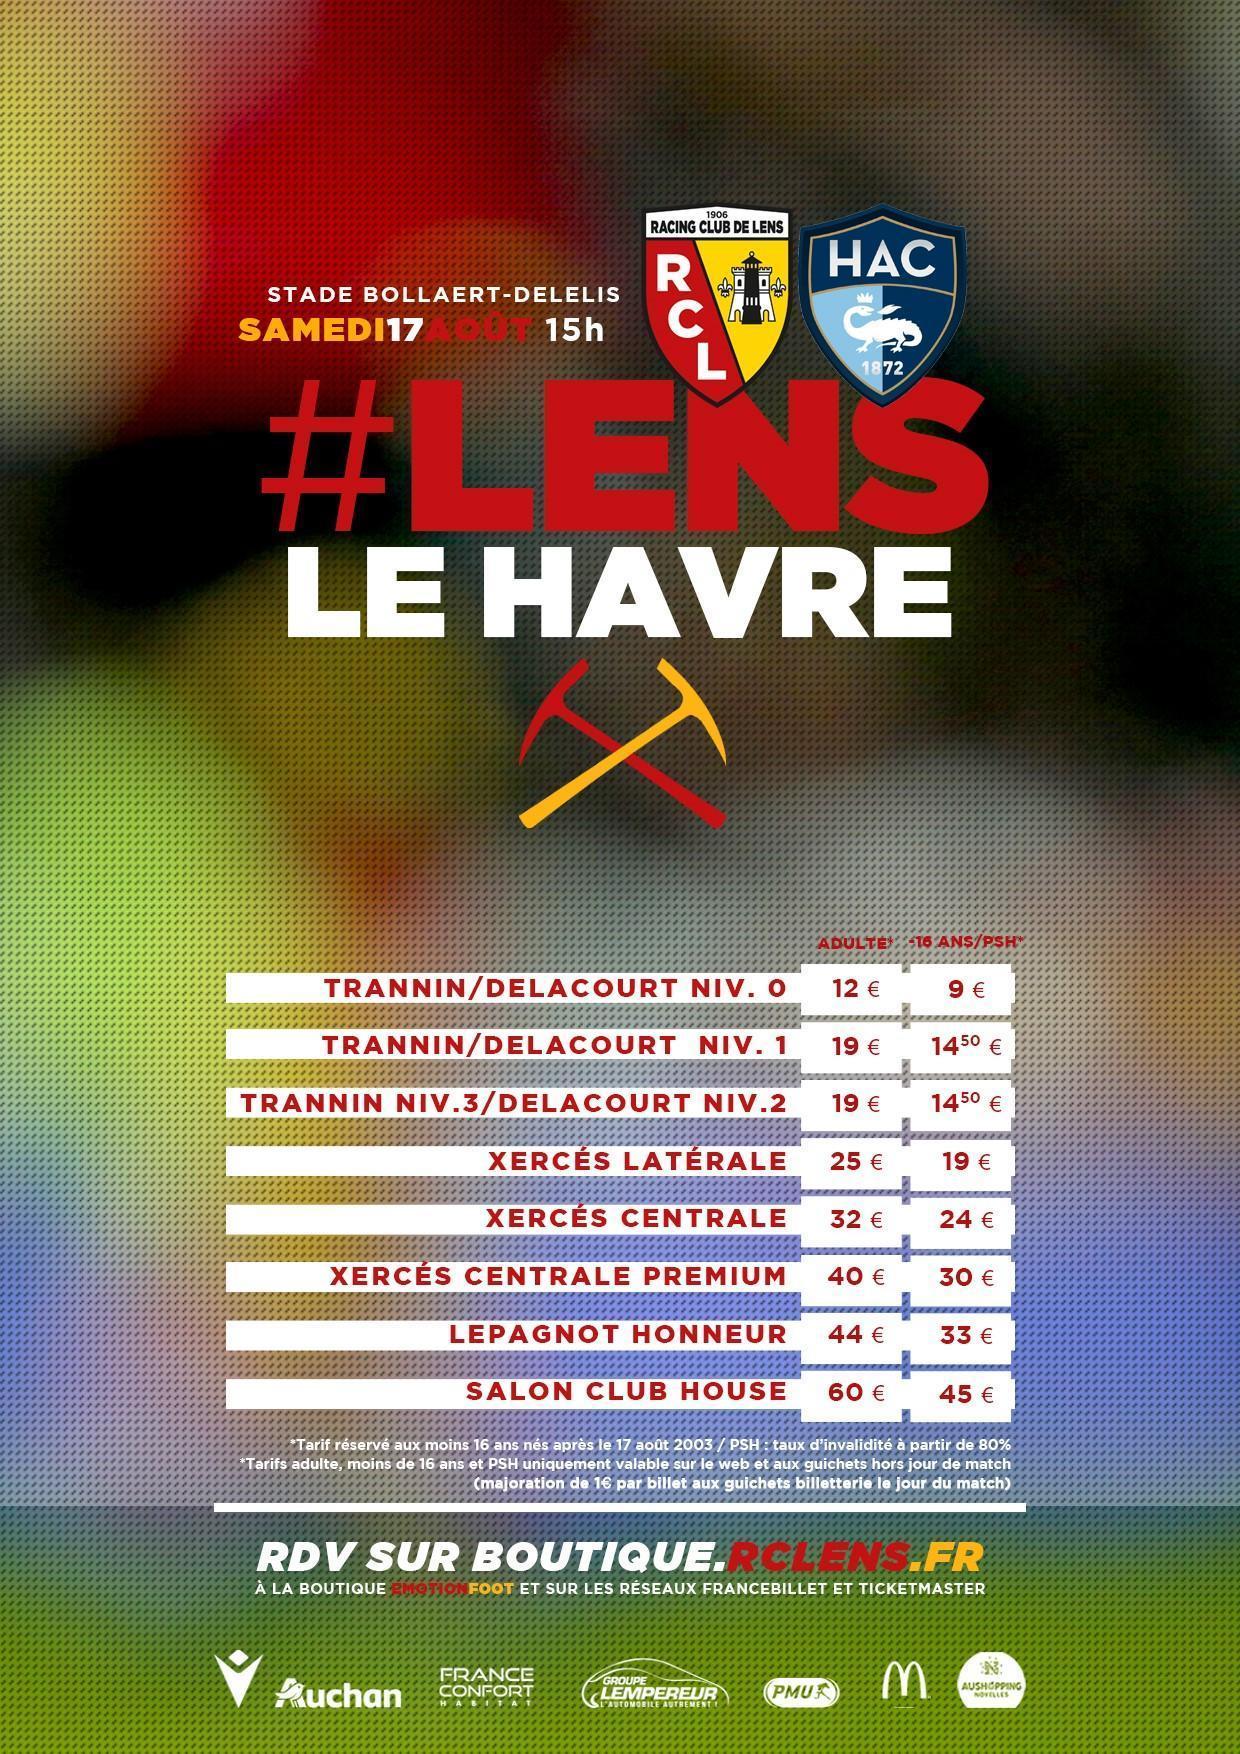 Assistez à Lens - Le Havre billetterie tarifs rclens